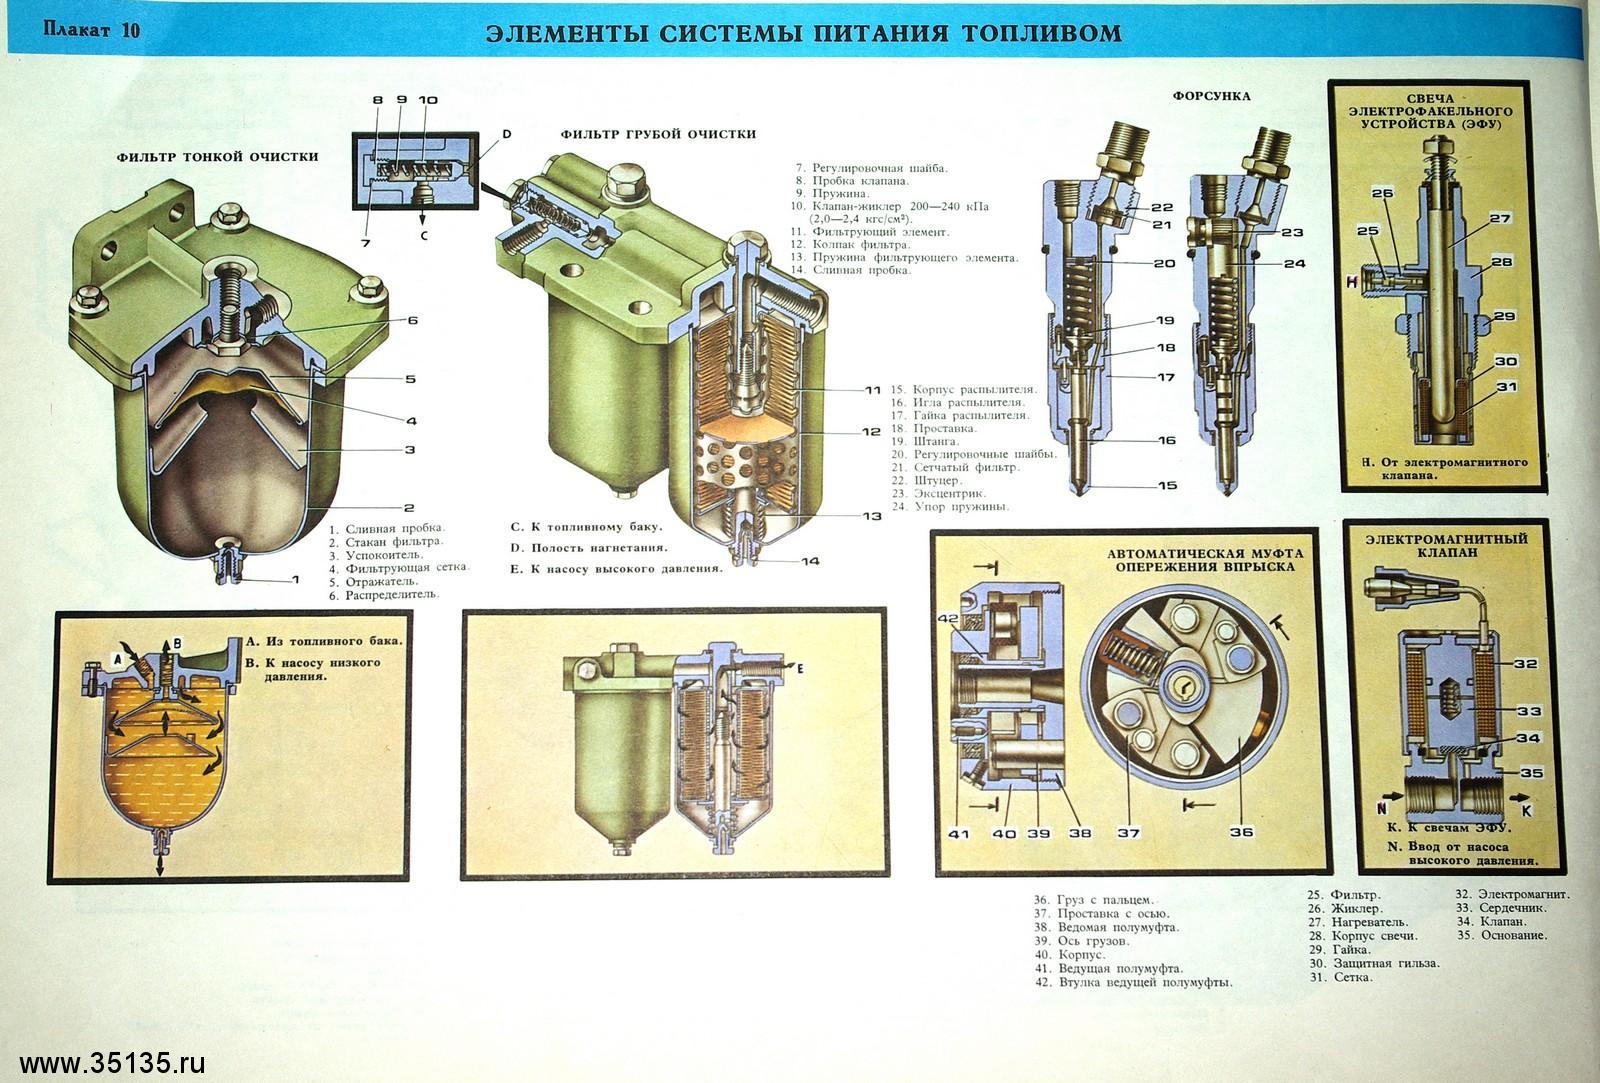 Схема работы системы питания дизельного двигателя